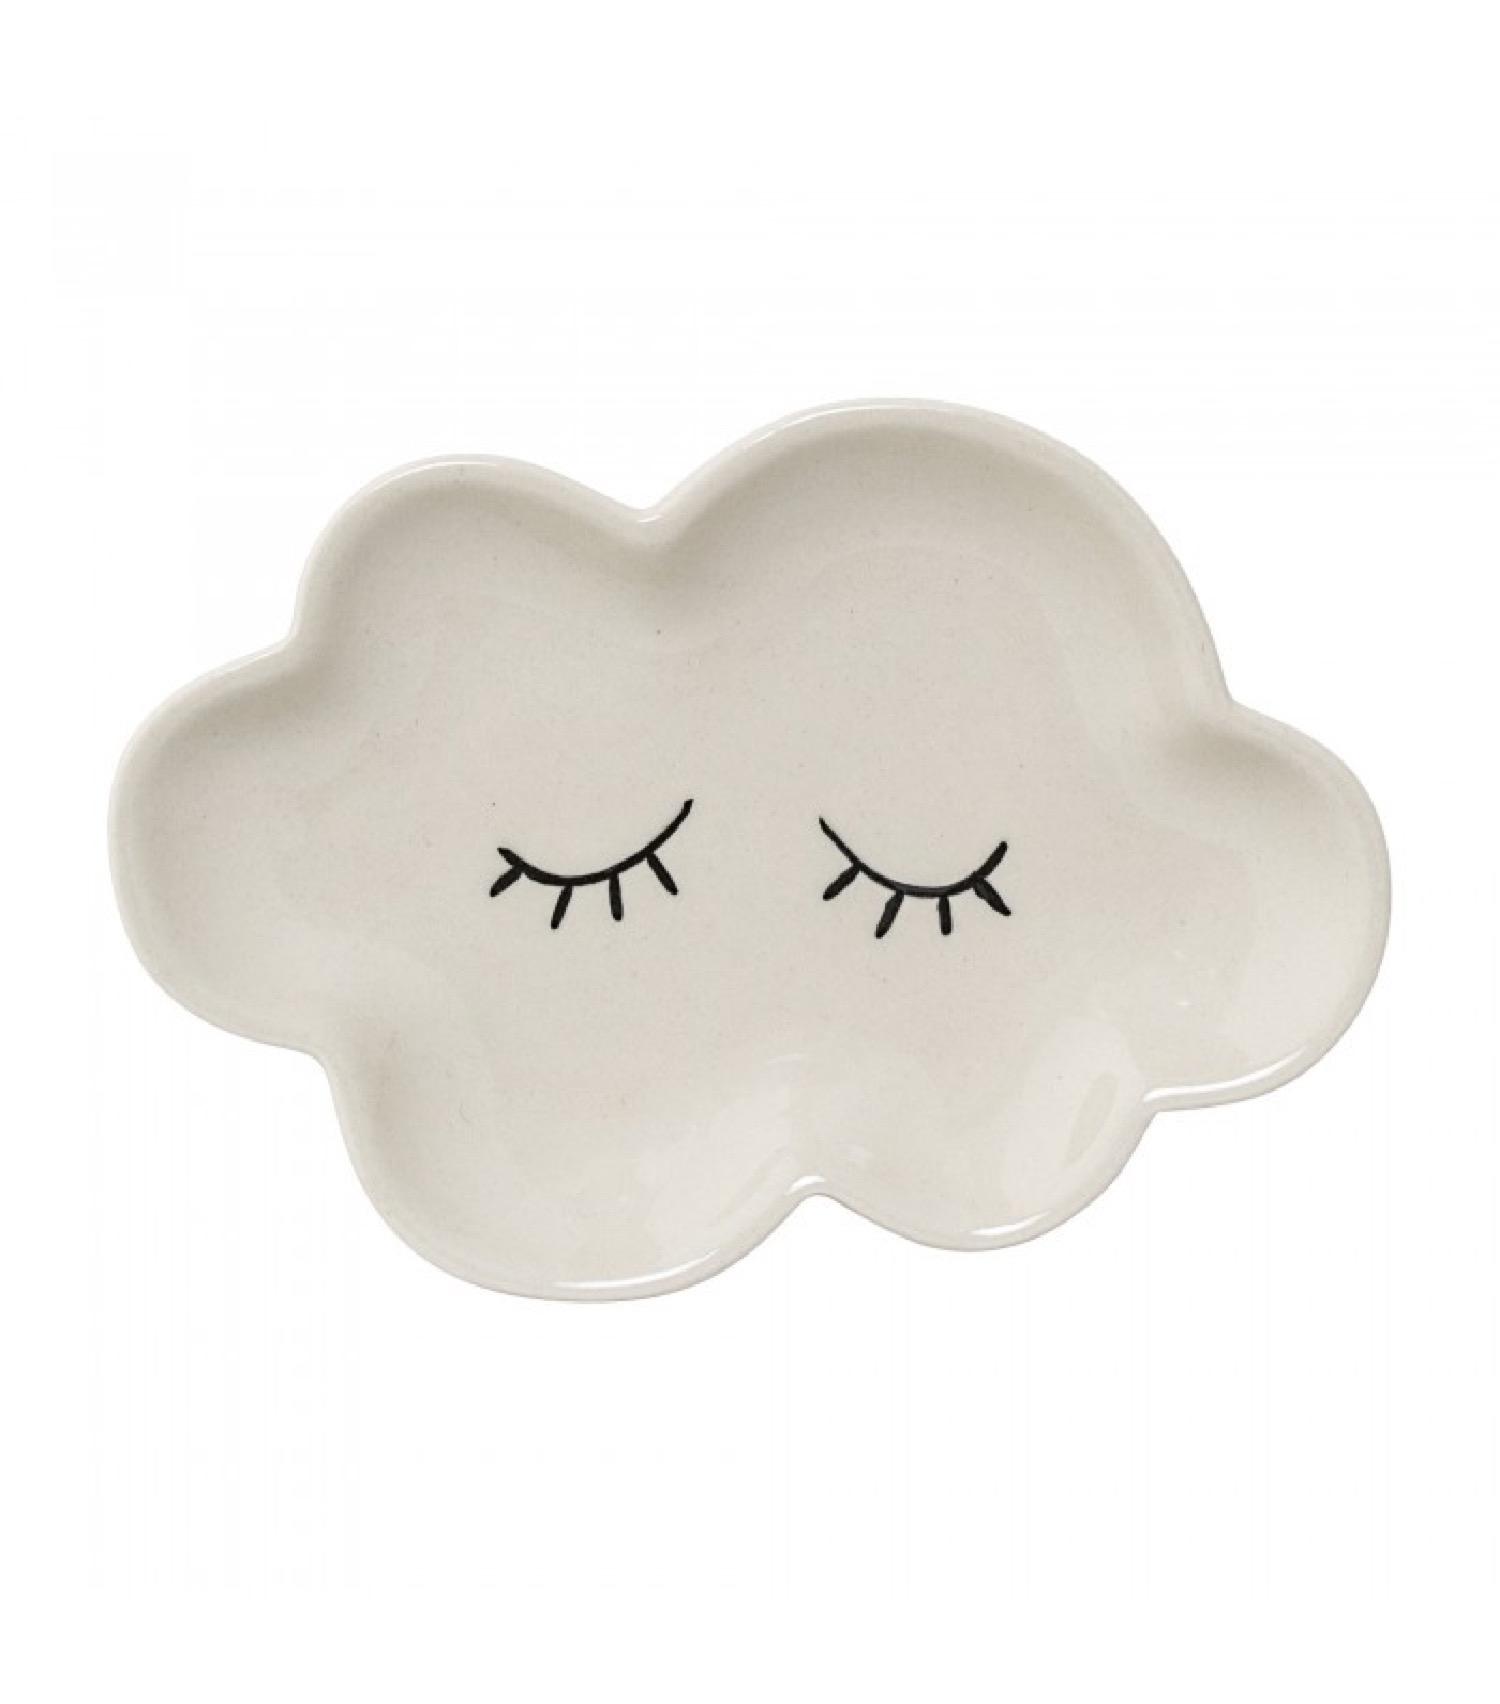 Assiette nuage grès céramique 15x11cm